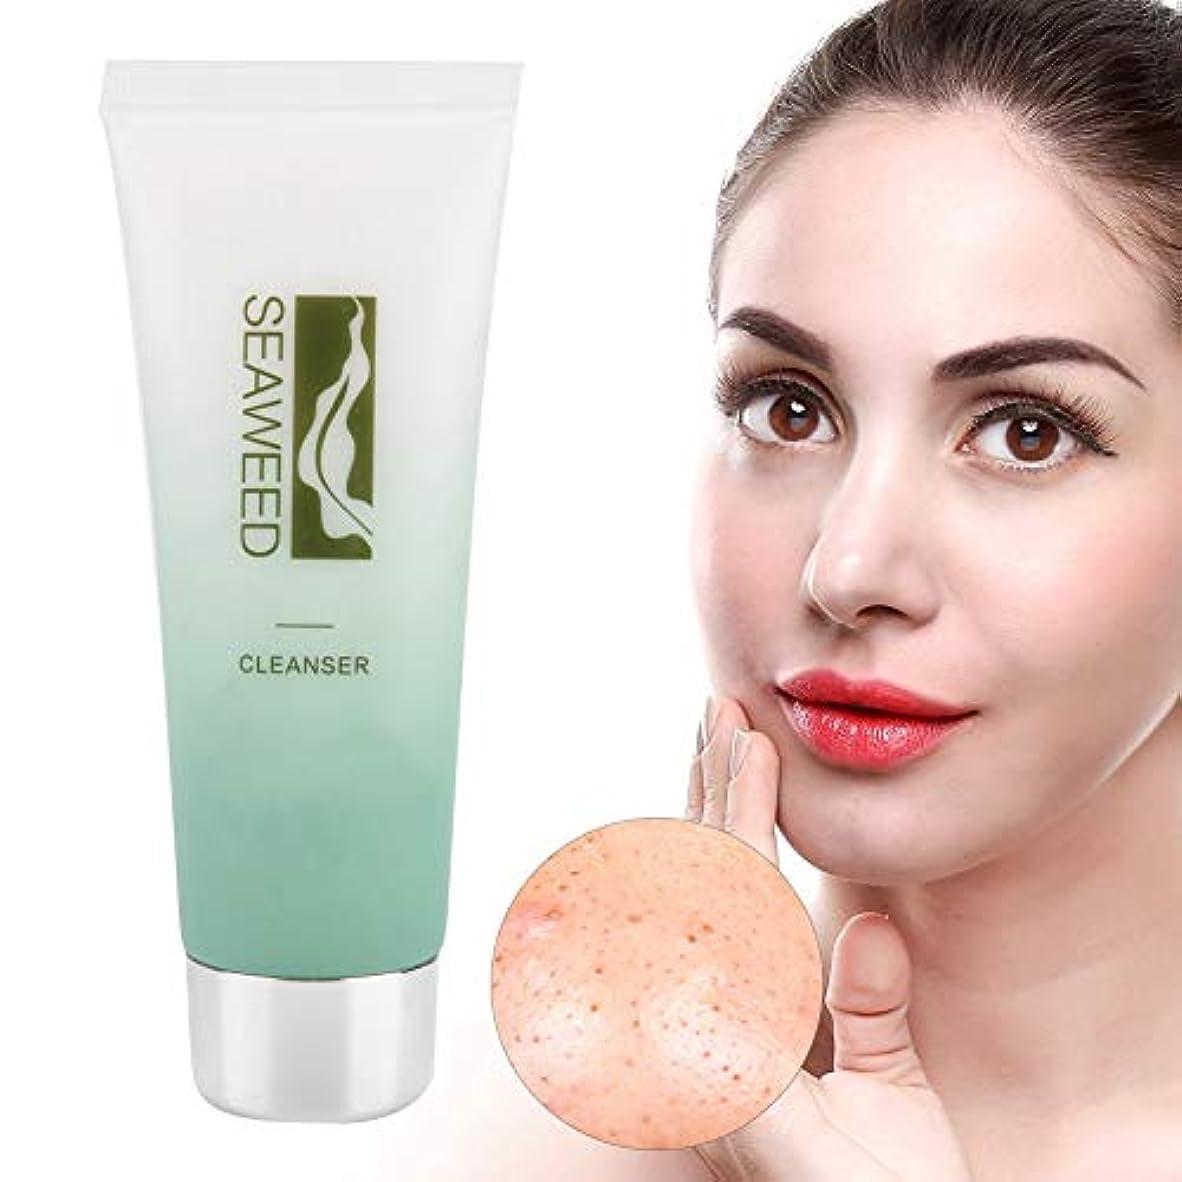 リムウサギ特定の繊細な保湿モカ洗顔料、オイルコントロールのための保湿洗顔料、男性と女性をきれいにするための手の洗剤